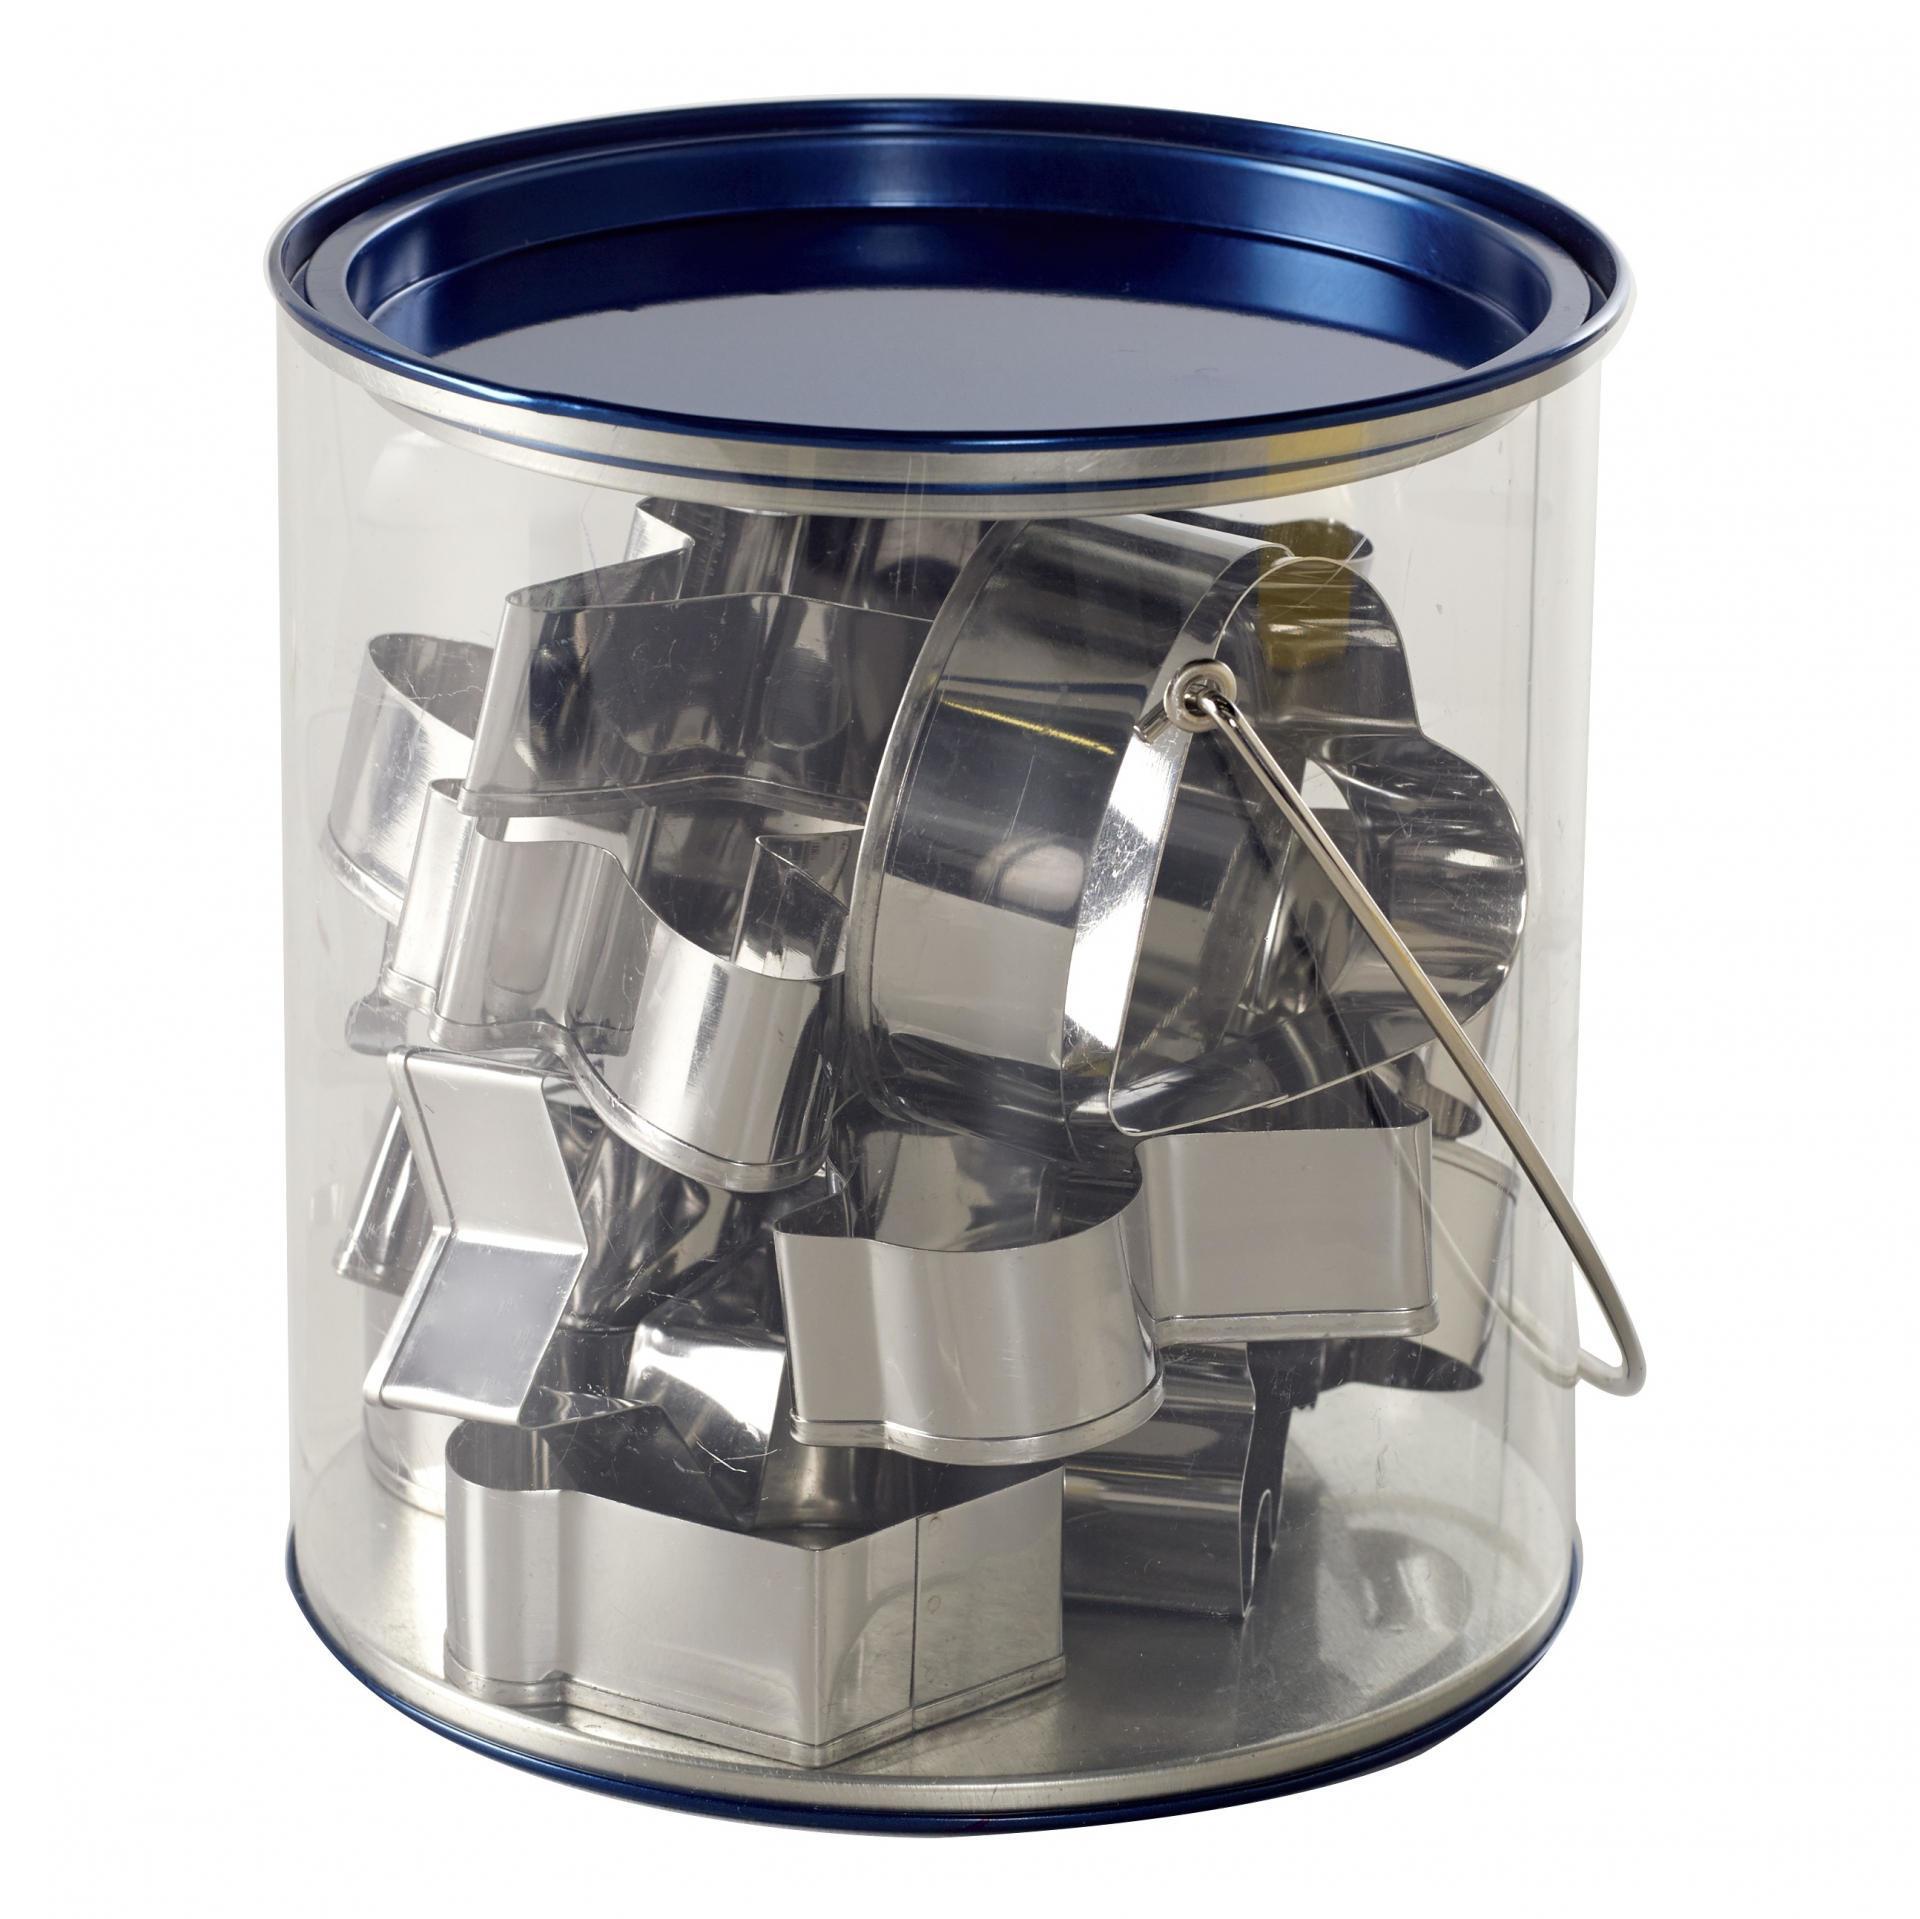 Nordic Ware Kyblík s nerez vykrajovátky - 15 ks, stříbrná barva, kov, plast